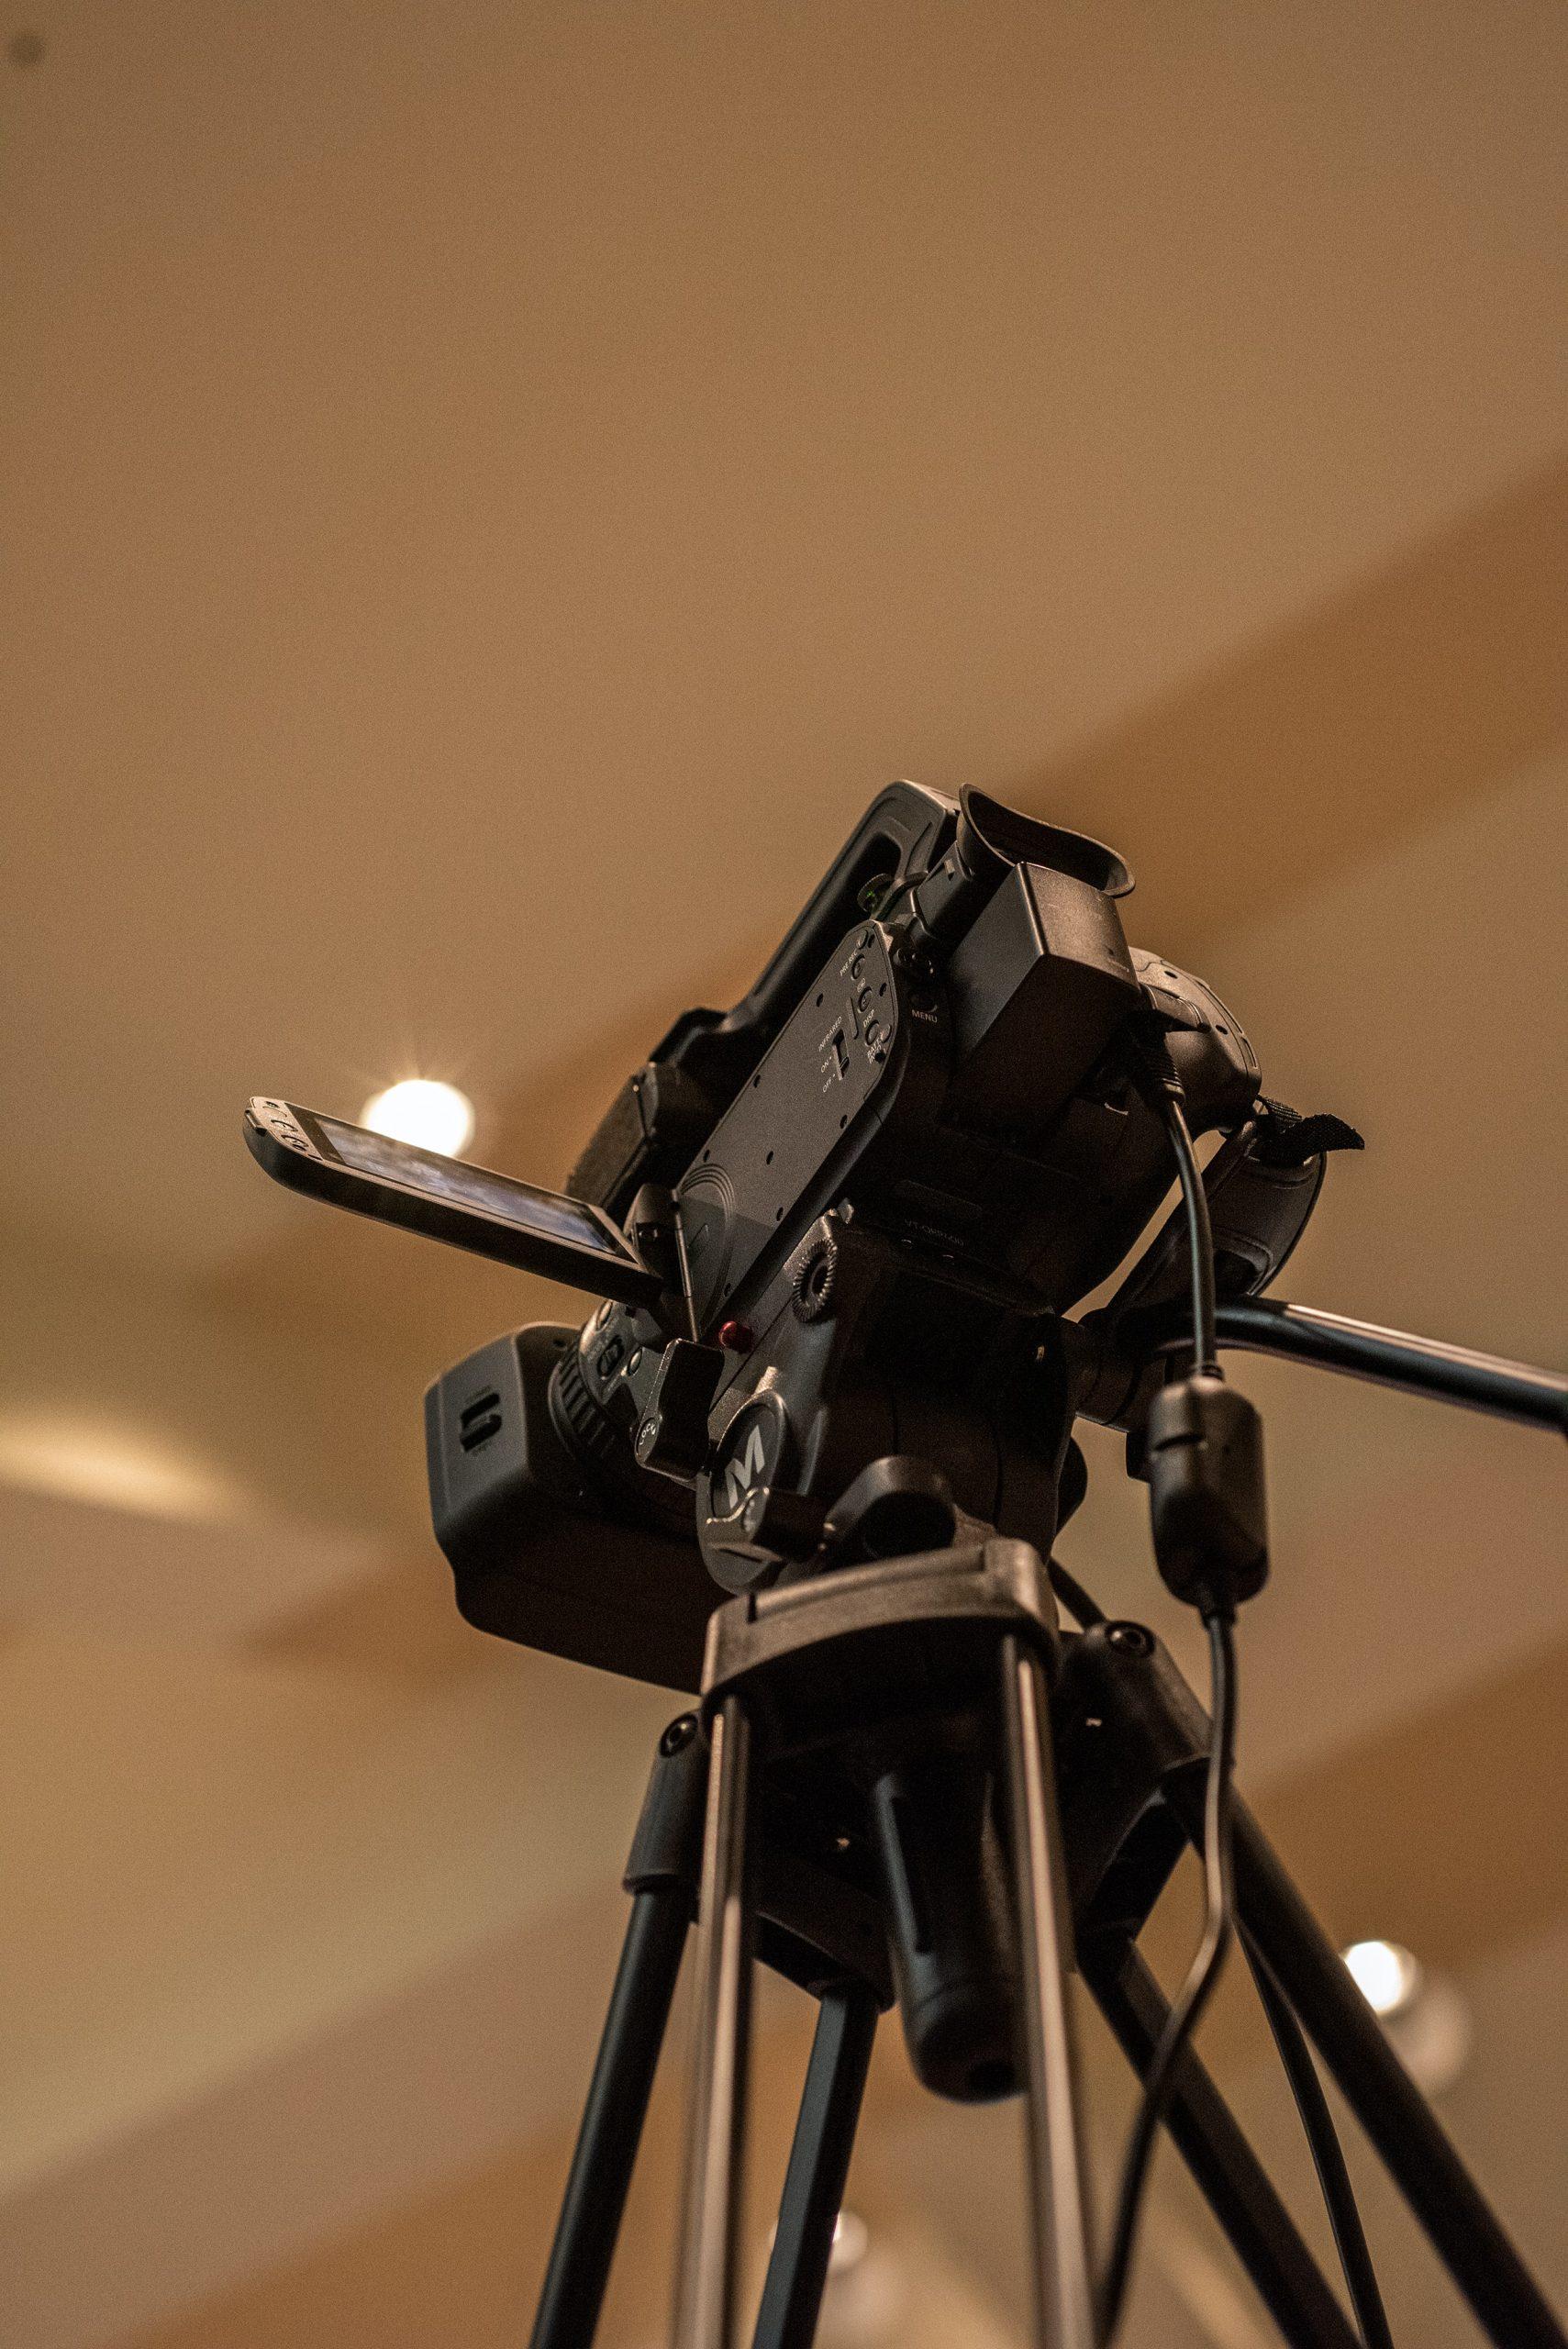 Camera & Livestream Volunteer